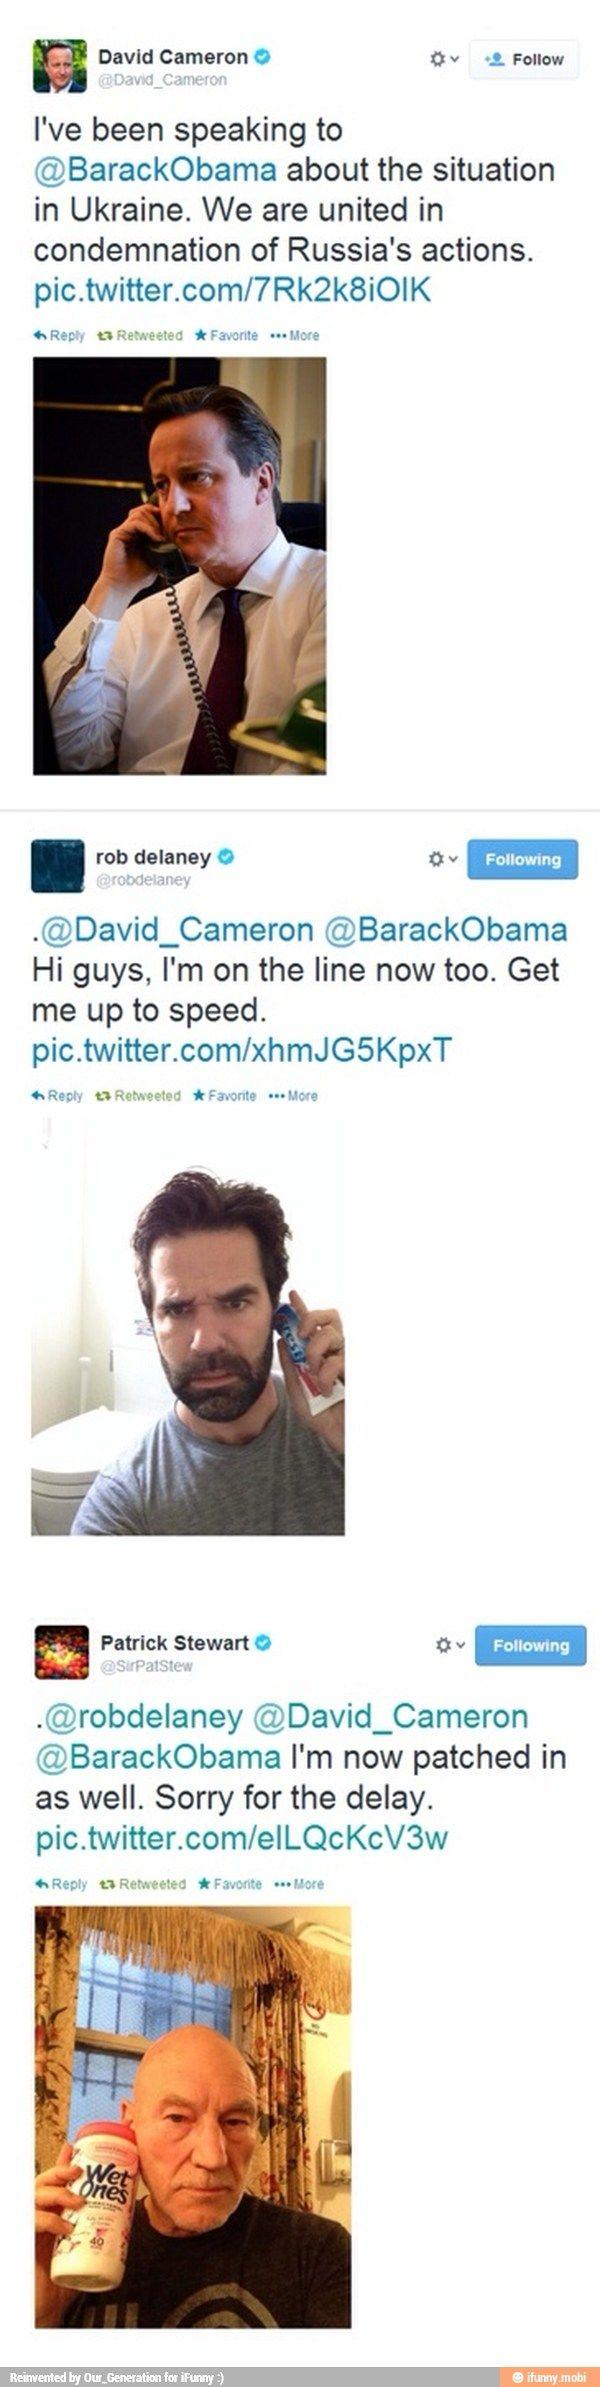 Les Meilleures Idées De La Catégorie Meme David Cameron Sur - David cameron tweets phone obama selfie celebrities create parodys